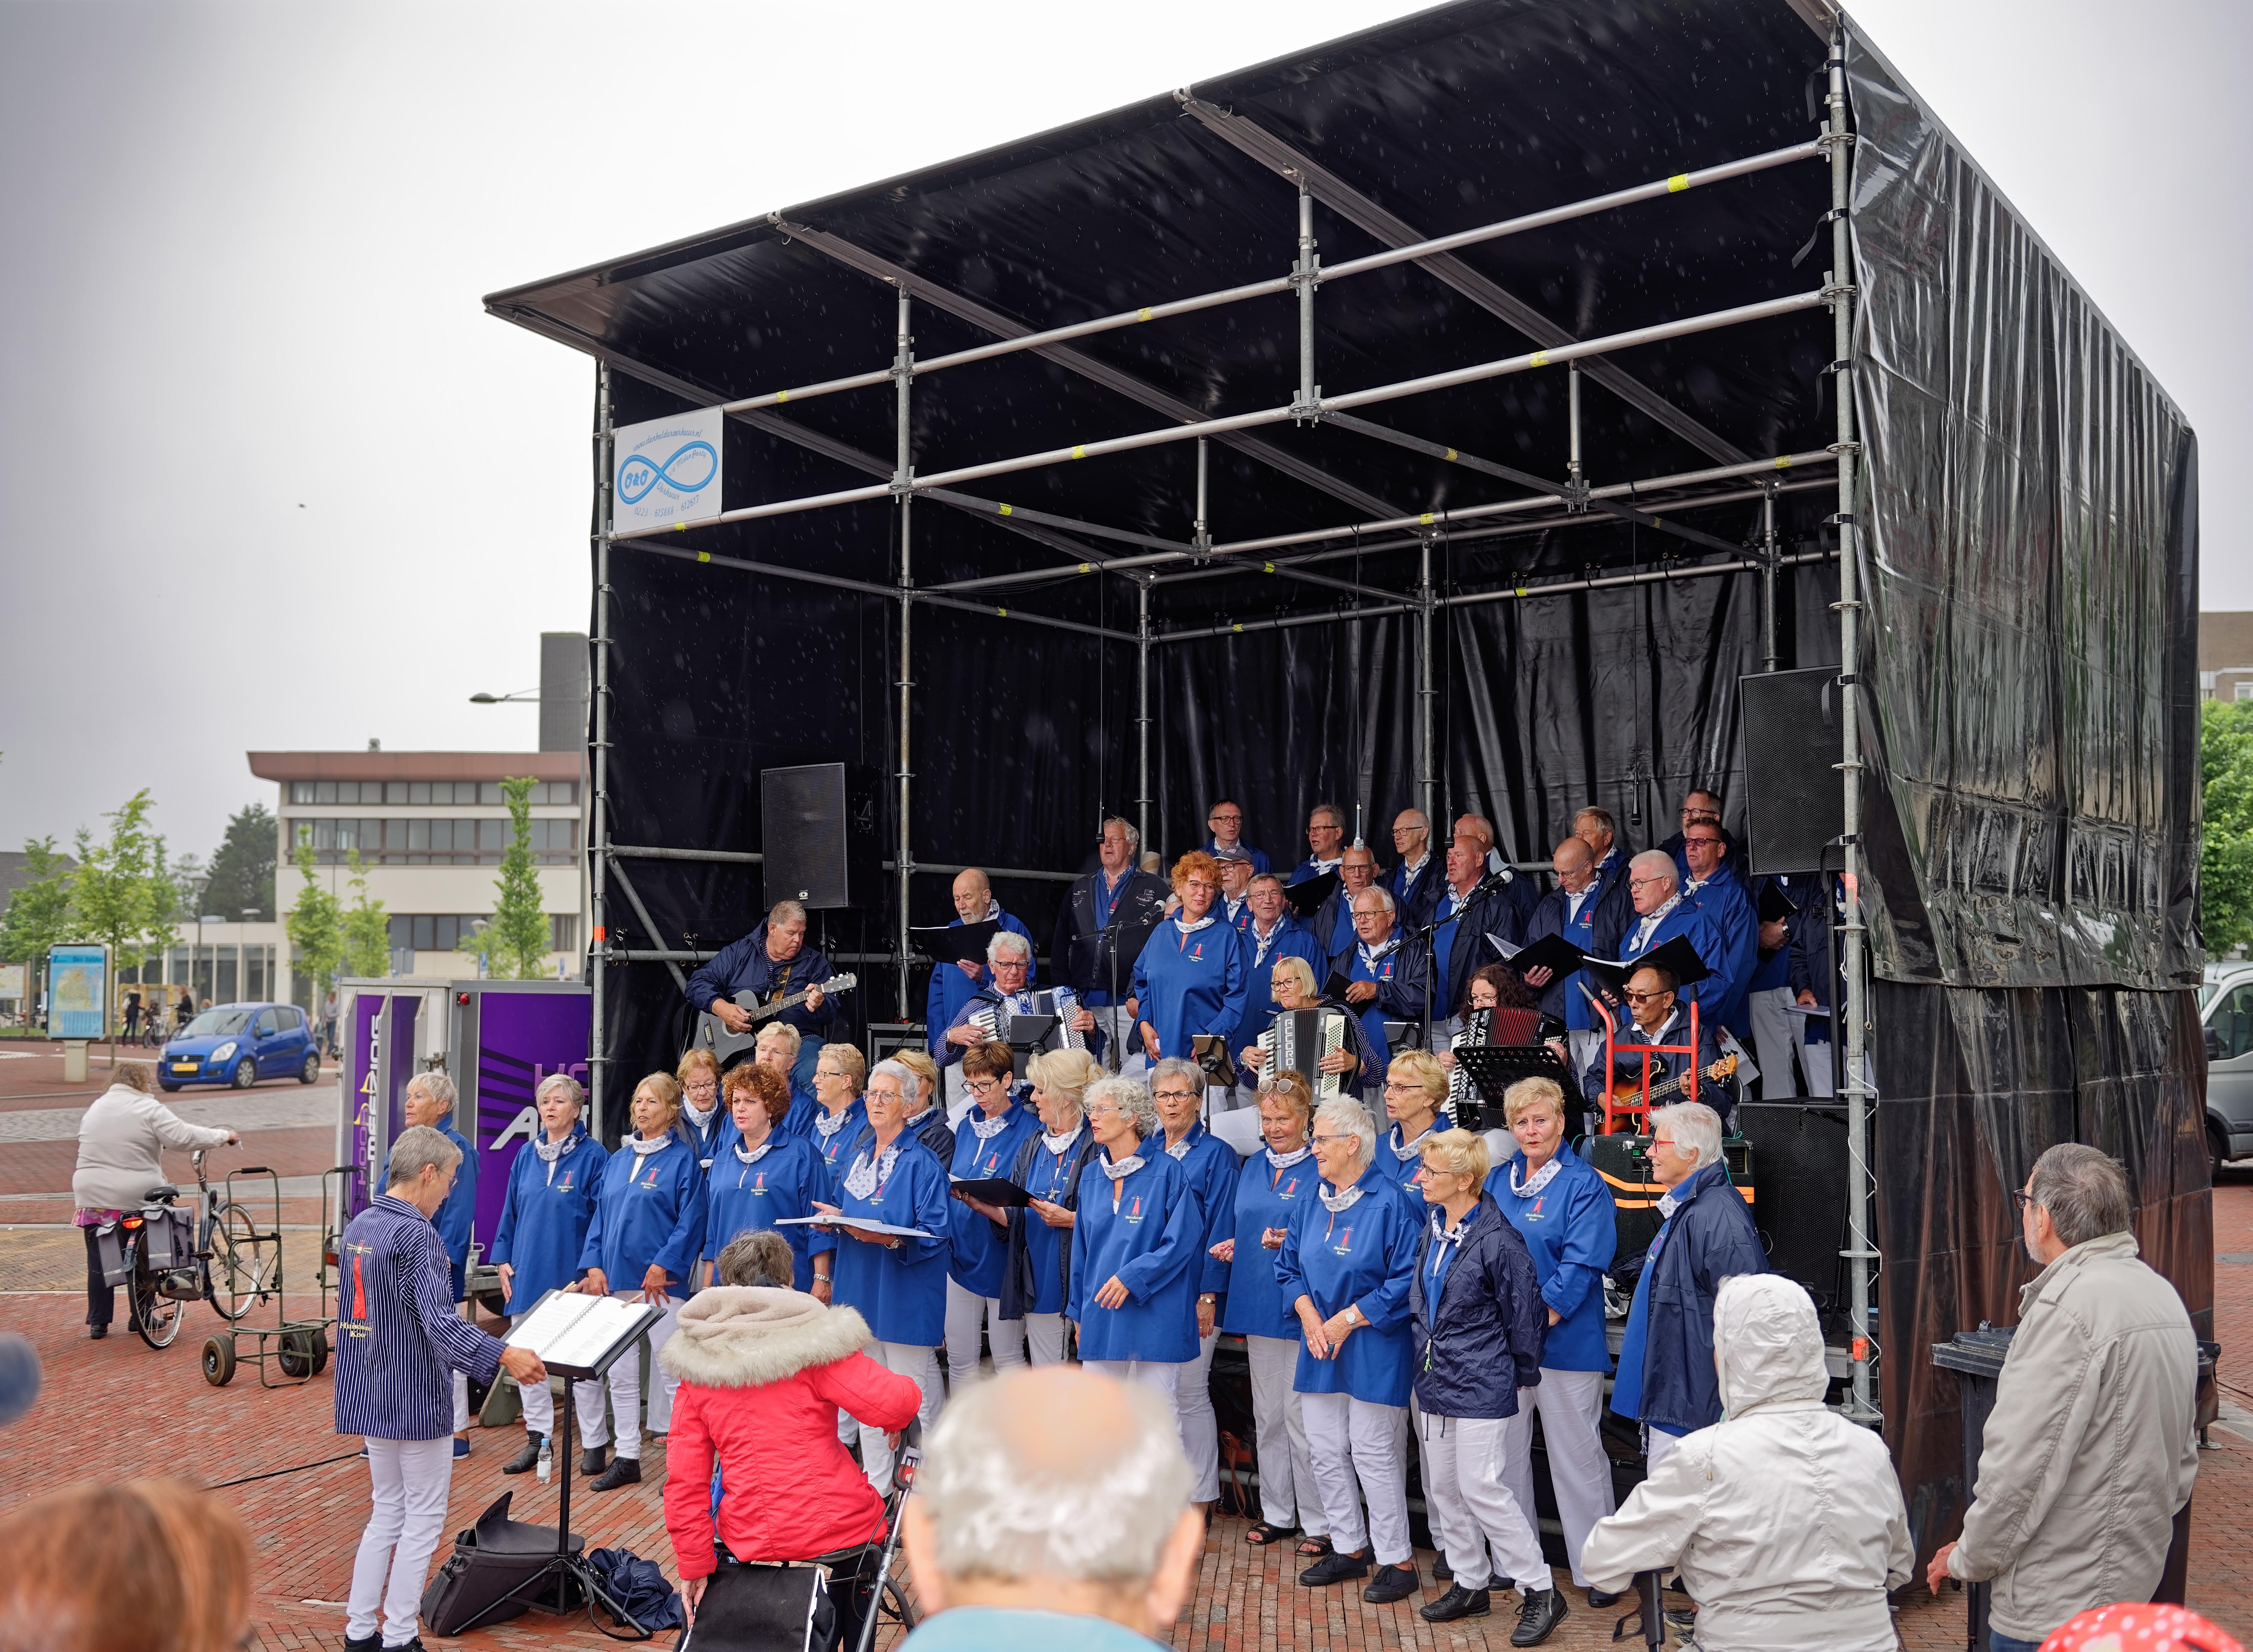 Amateurmusici mogen elk jaar weer deelnemen aan de Dag van de Muziek in Den Helder. (Foto: aangeleverd)